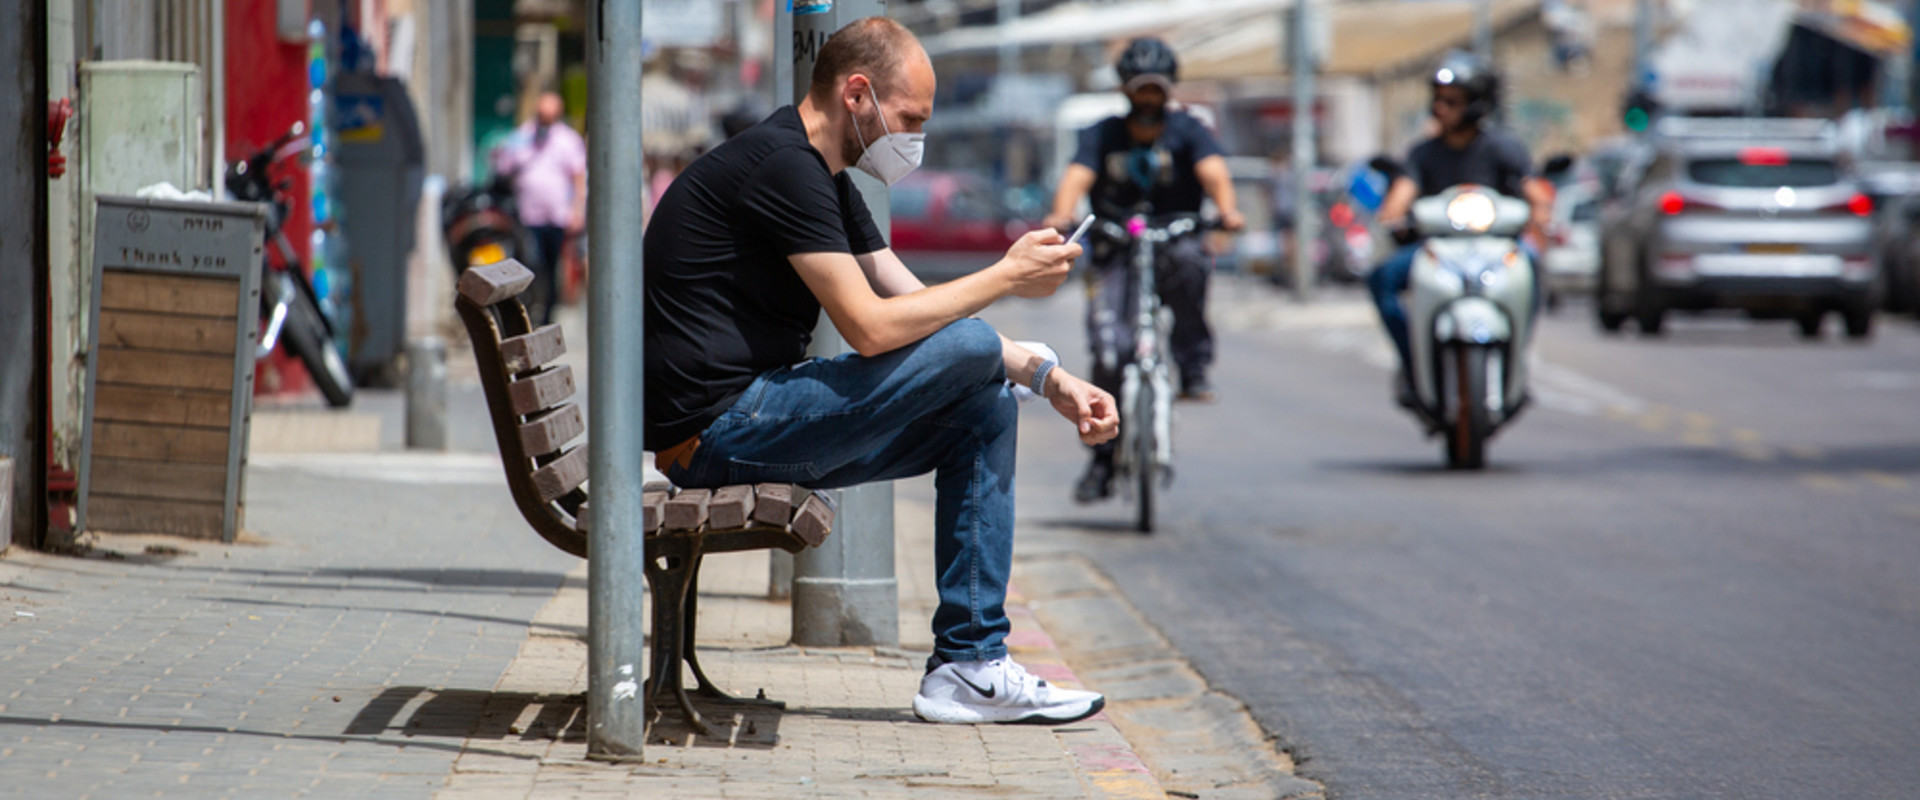 אדם לובש מסיכת פנים על ספסל ומסתכל בסמארטפון בתל אביב (צילום: S. Edelweiss, shutterstock)